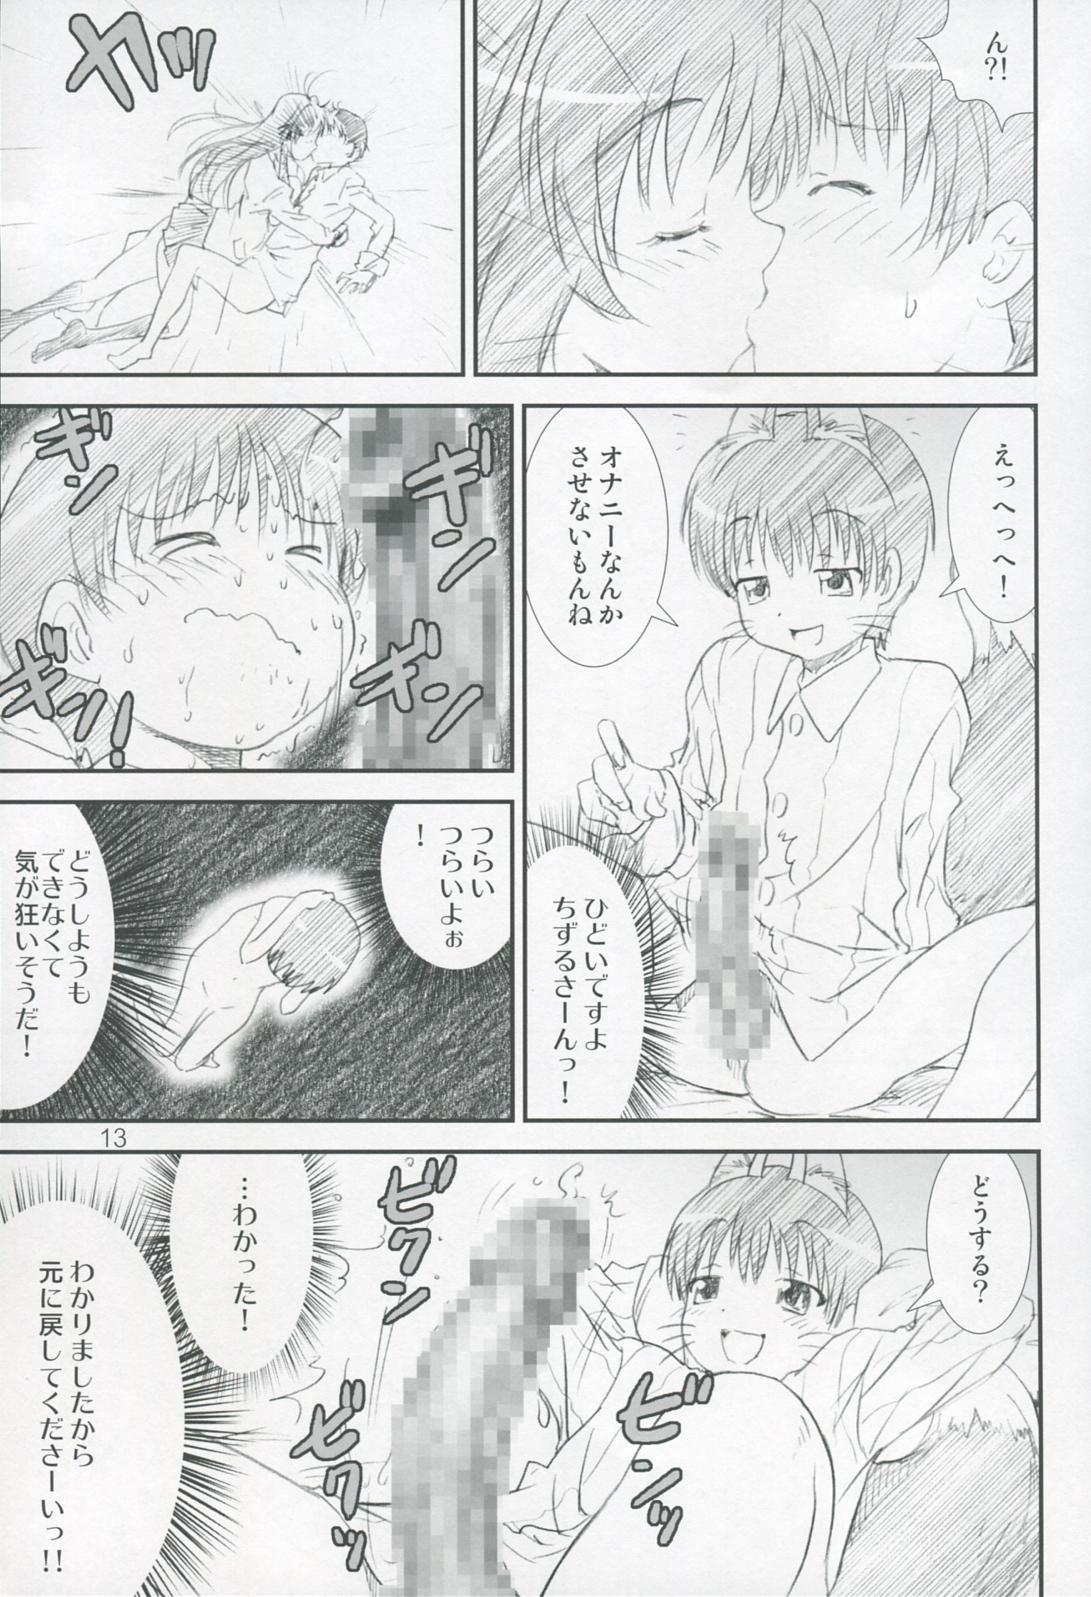 Kikan Yumi Ichirou Dai 9 Gou 11